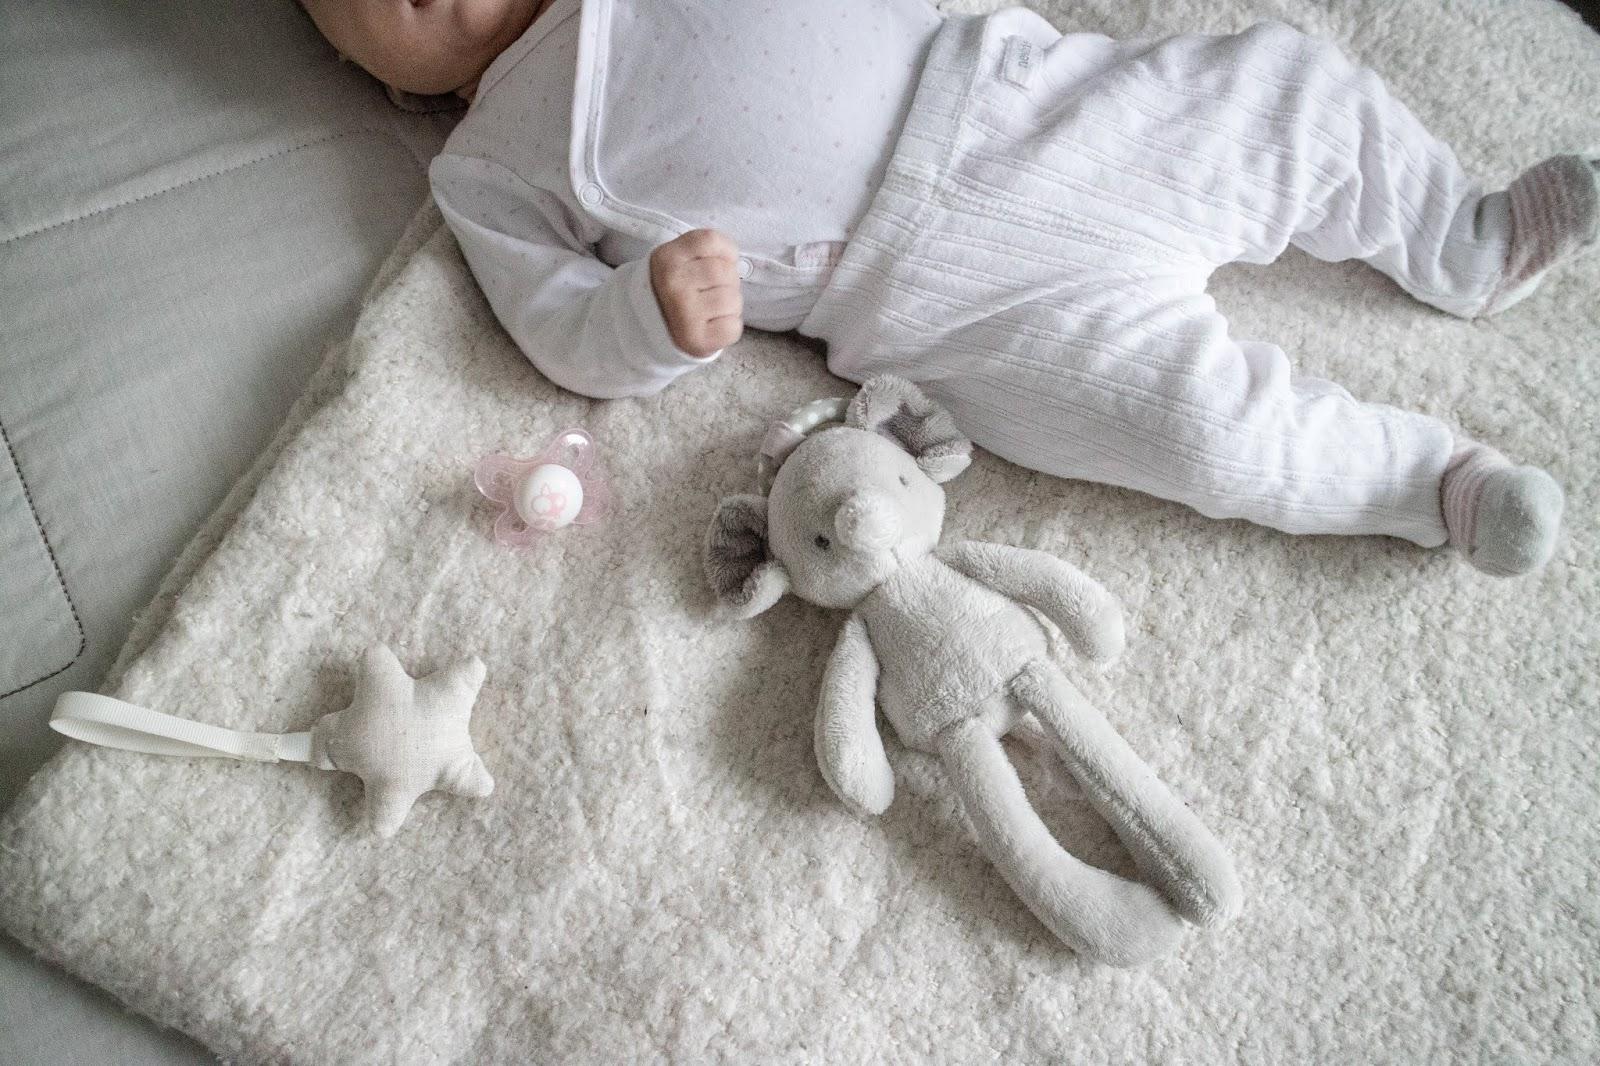 vauva, vauvavuosi, vauvanvaatteet, lastenvaatteet, nettikauppa,